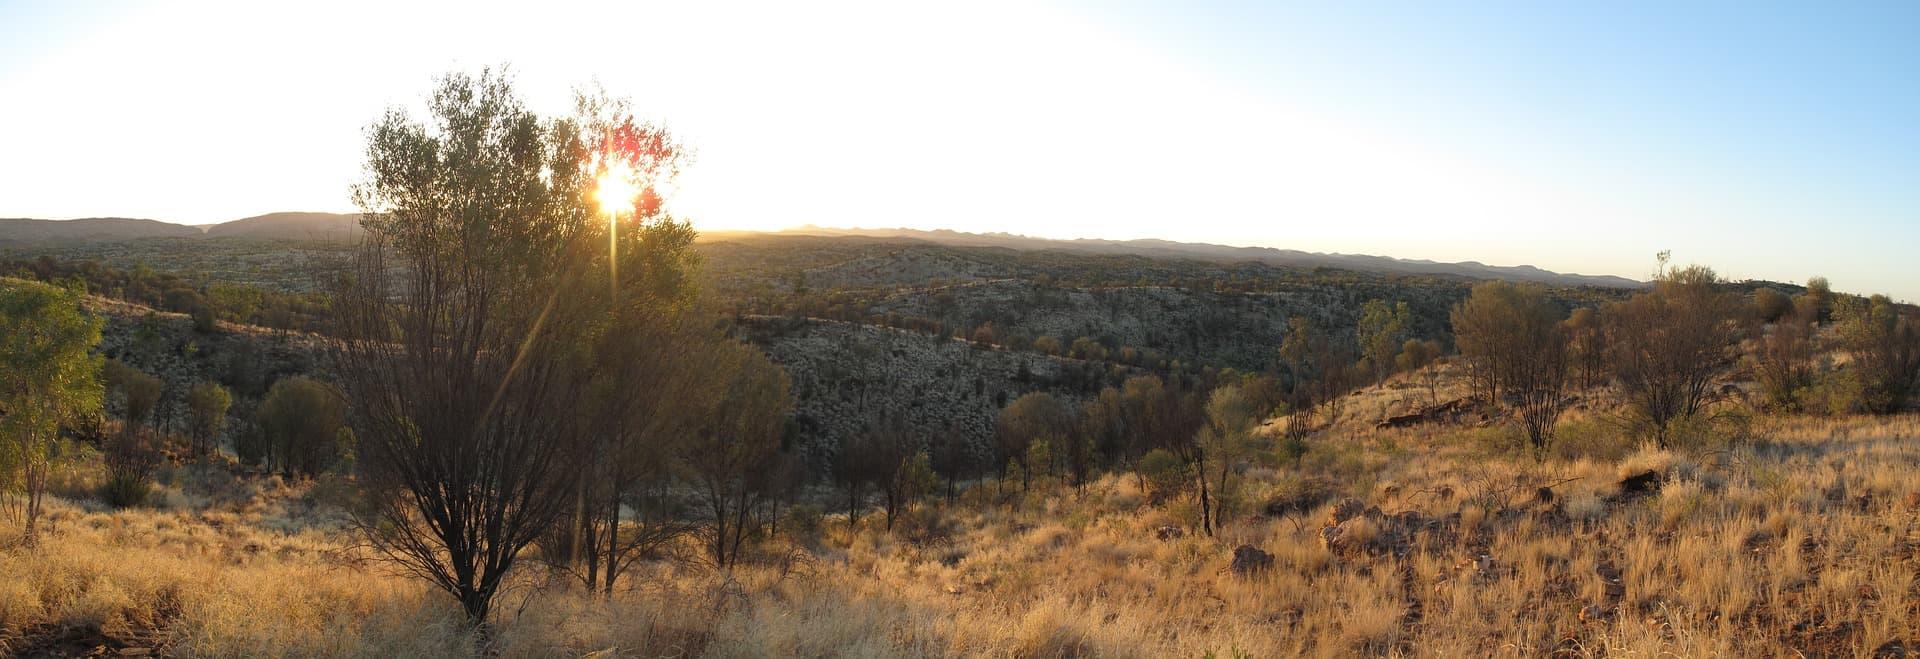 Frau in Alice Springs gefunden